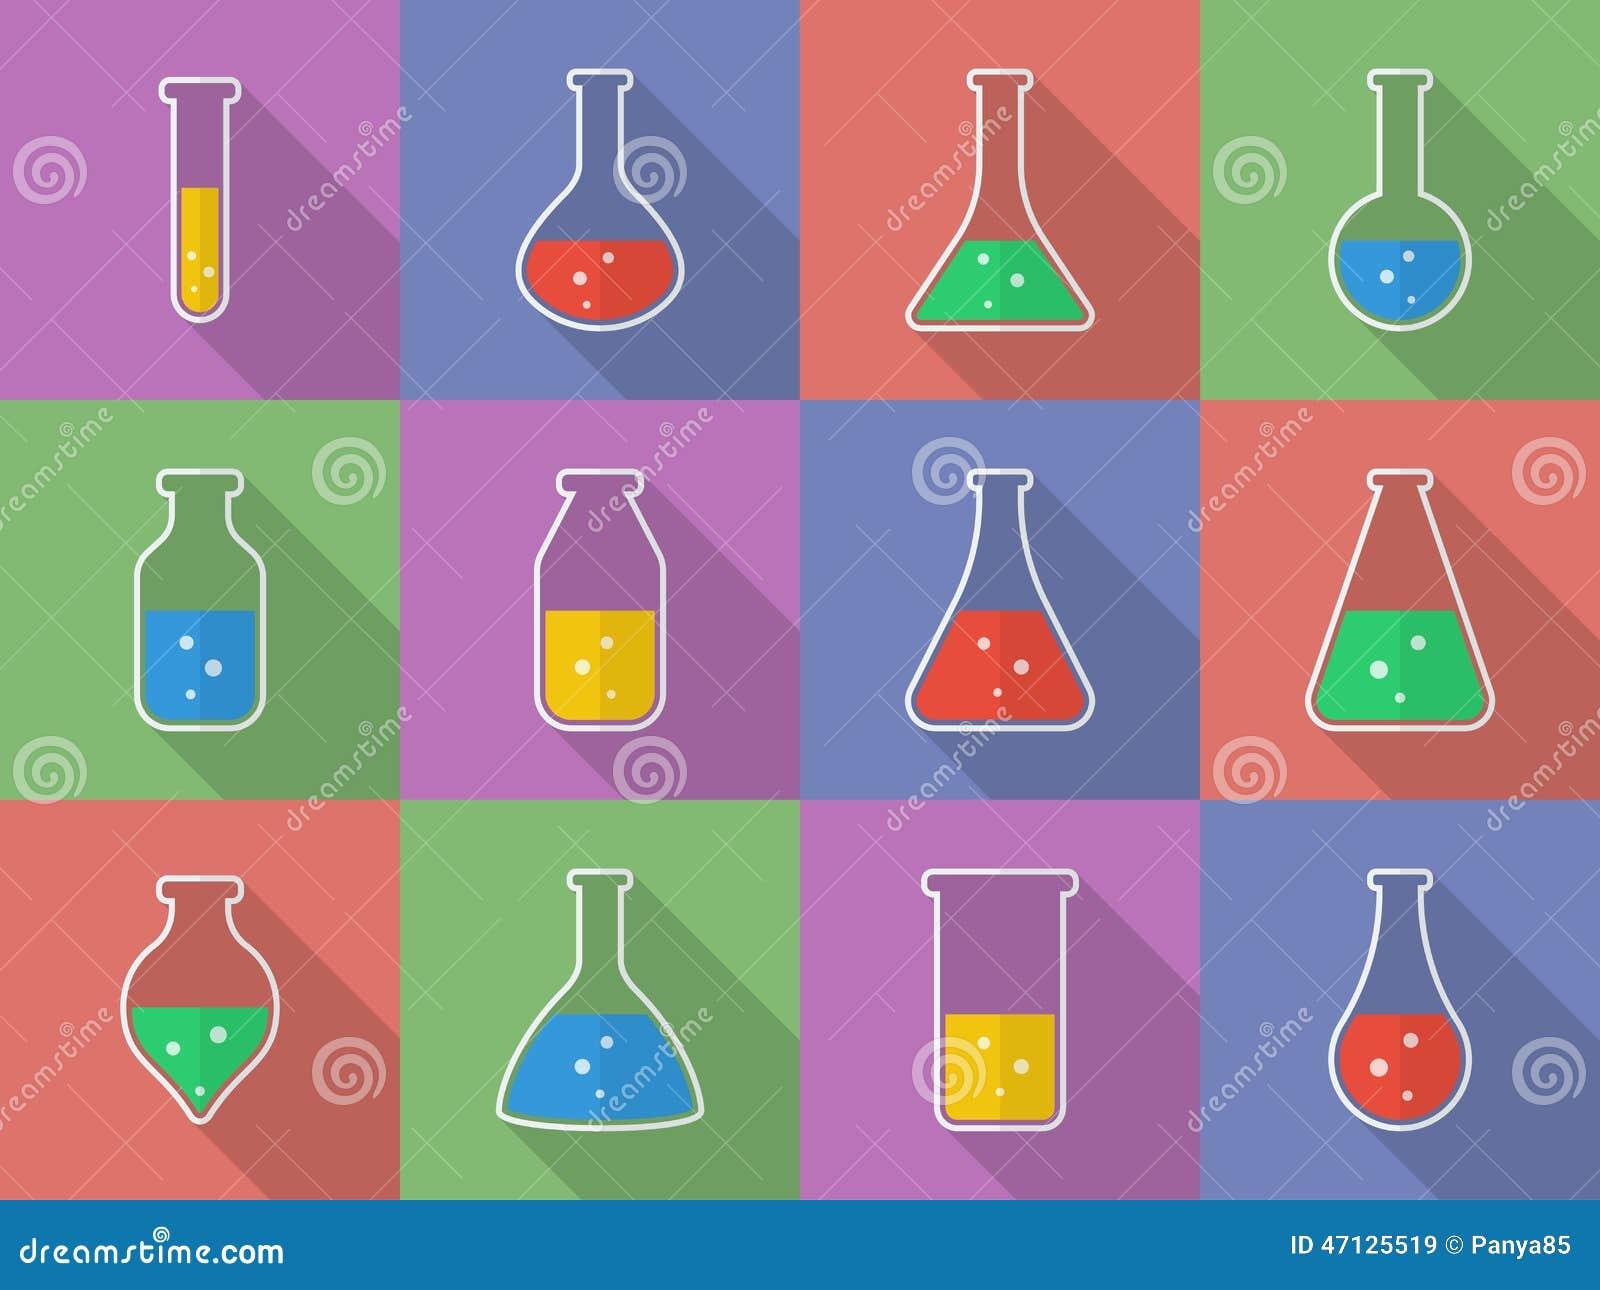 Химикат, лабораторное оборудование биологической науки - пробирки и значки склянок